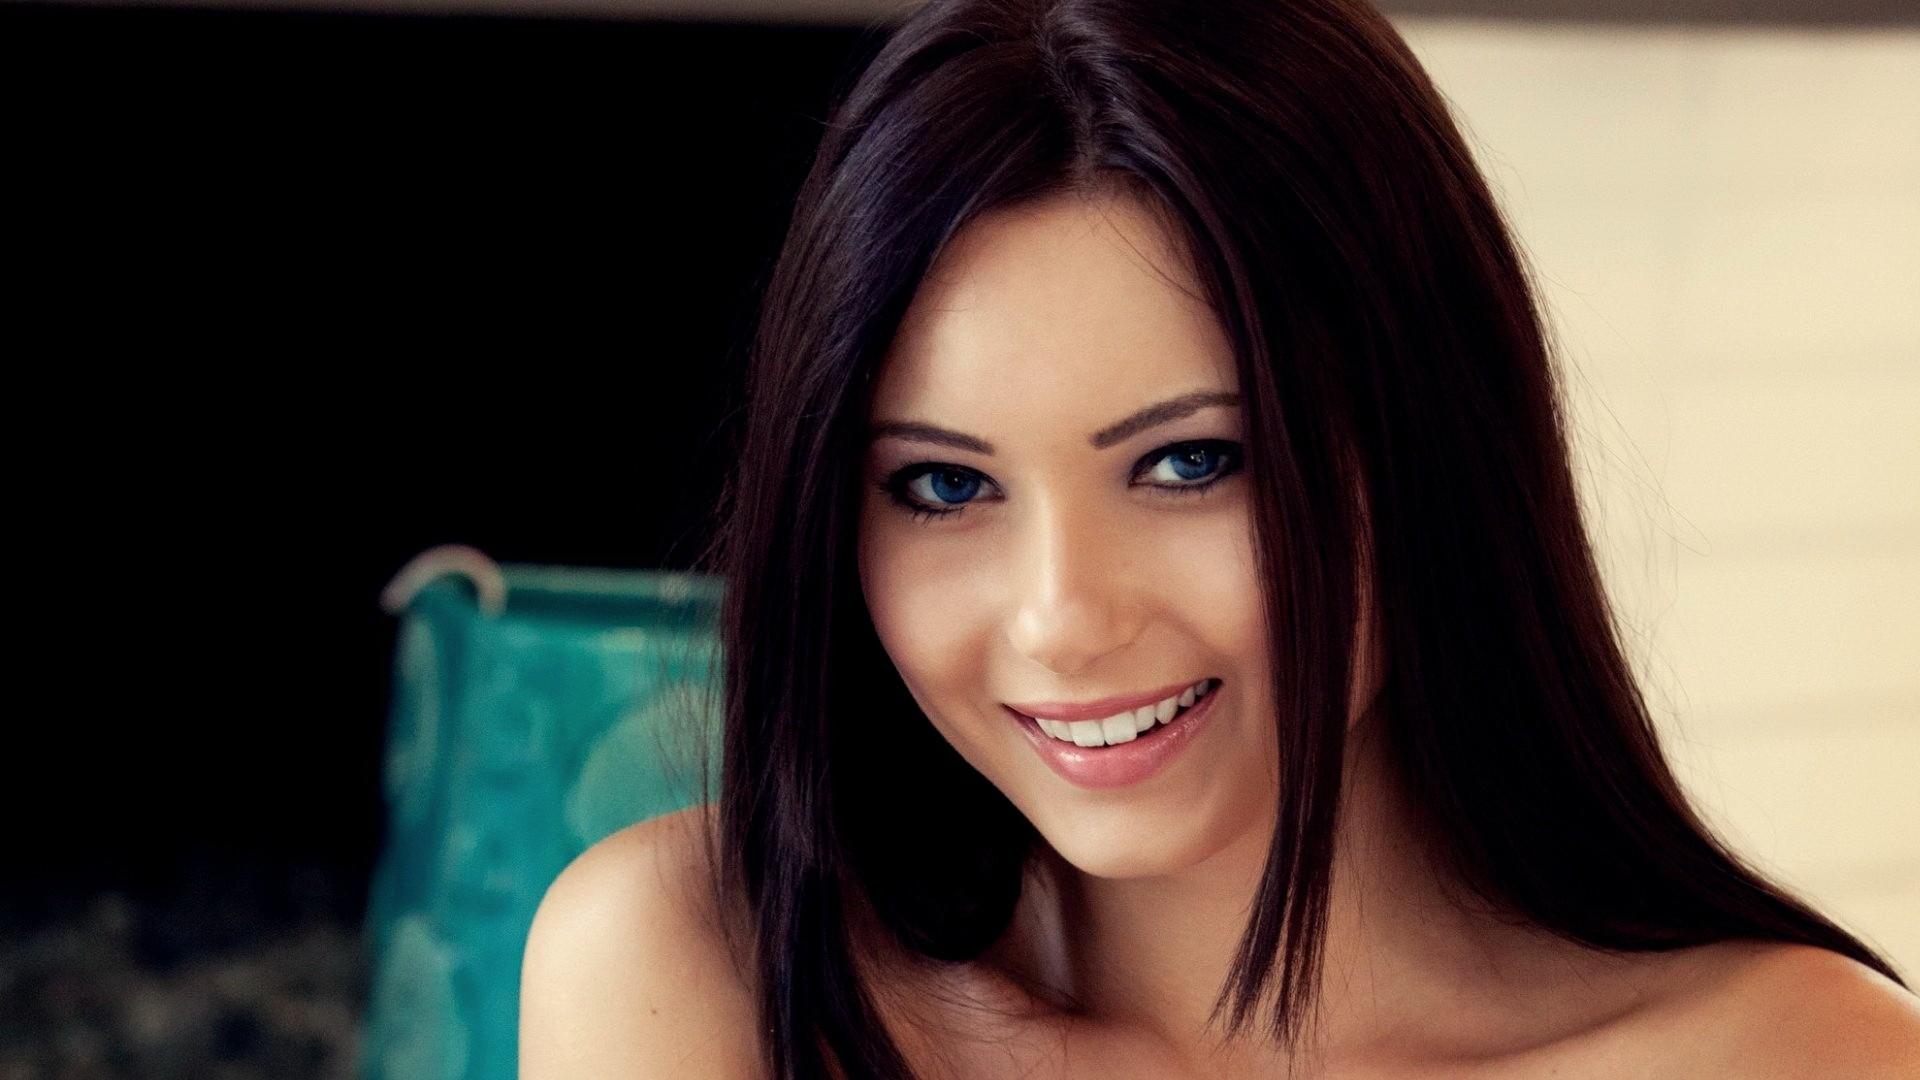 улыбчивая девушка с пилоткой  № 2351042  скачать